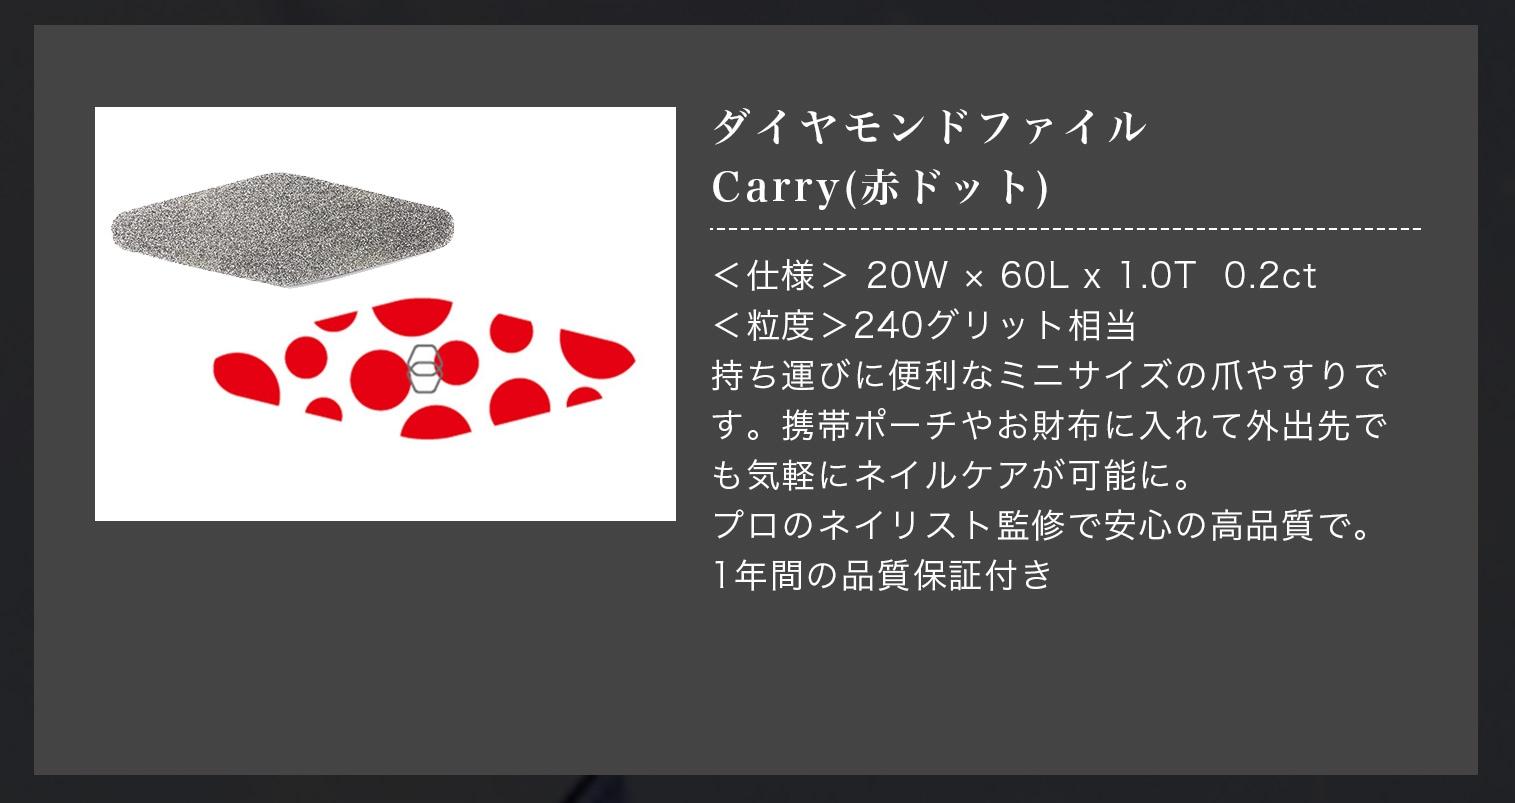 ダイヤモンドファイルCarry(赤ドット)<仕様> 20W × 60L x 1.0T  0.2ct<粒度>240グリット相当持ち運びに便利なミニサイズの爪やすりです。携帯ポーチやお財布に入れて外出先でも気軽にネイルケアが可能に。プロのネイリスト監修で安心の高品質で。1年間の品質保証付き